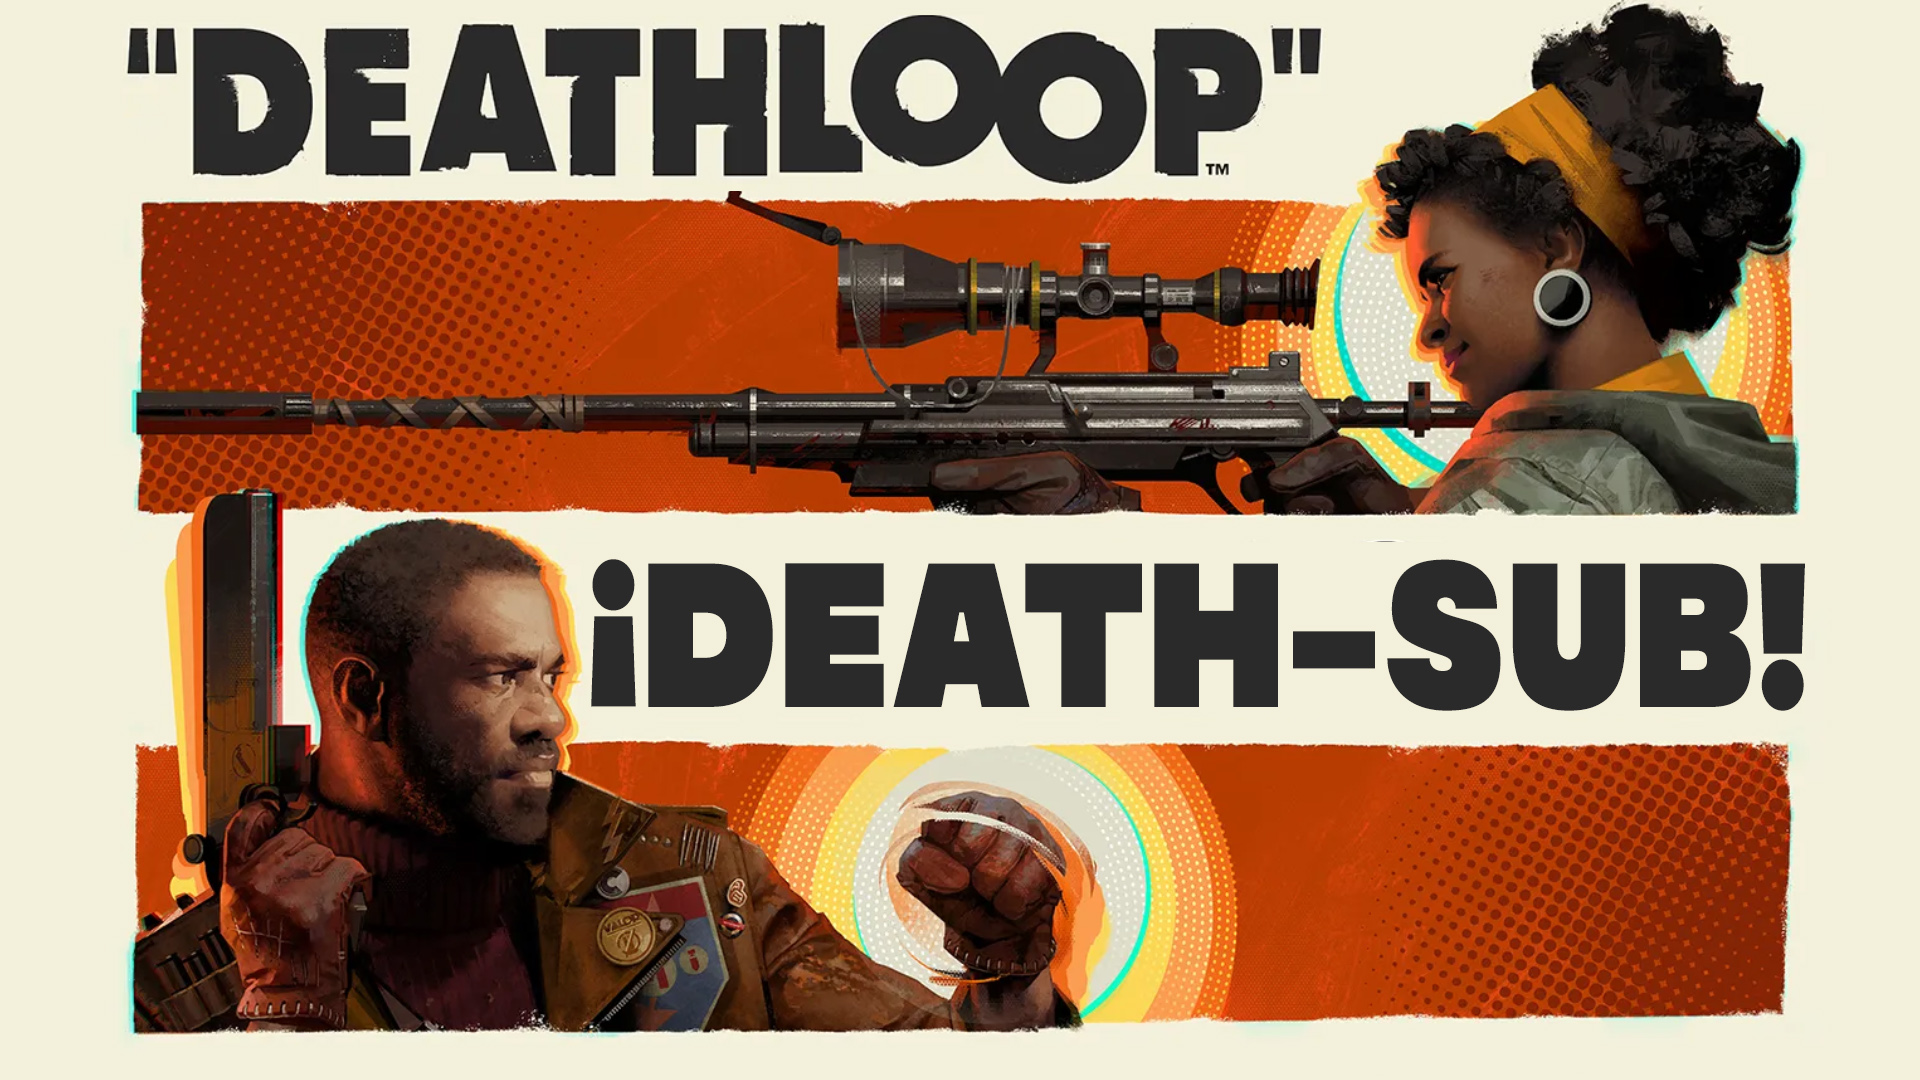 Deathloop – ¡Death-Sub!